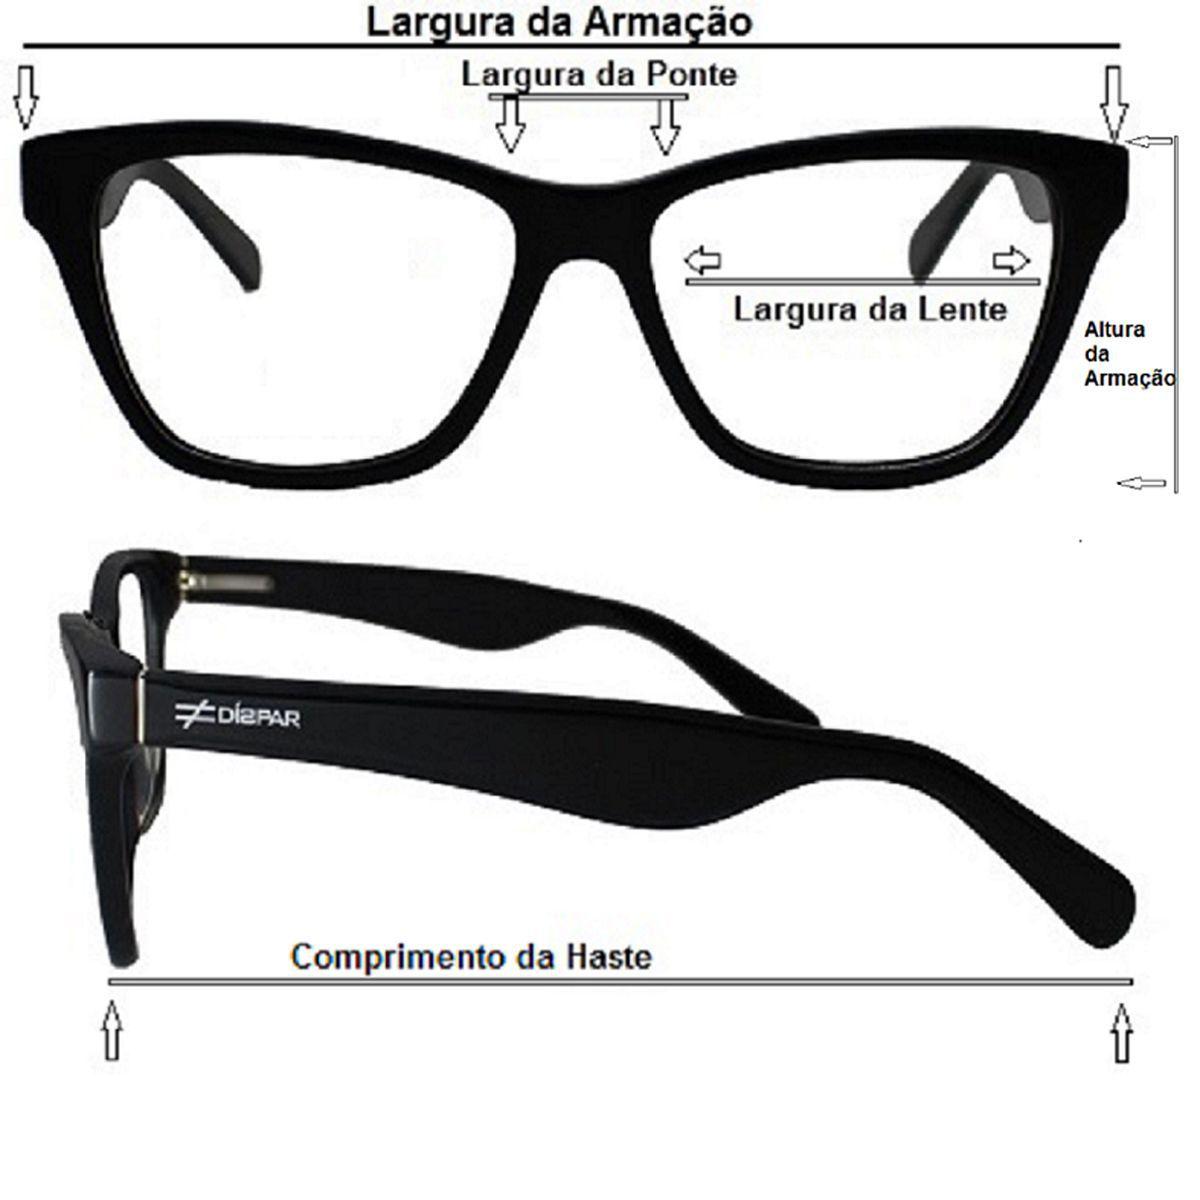 Armação para Óculos Díspar D2008 Acetato - Marrom